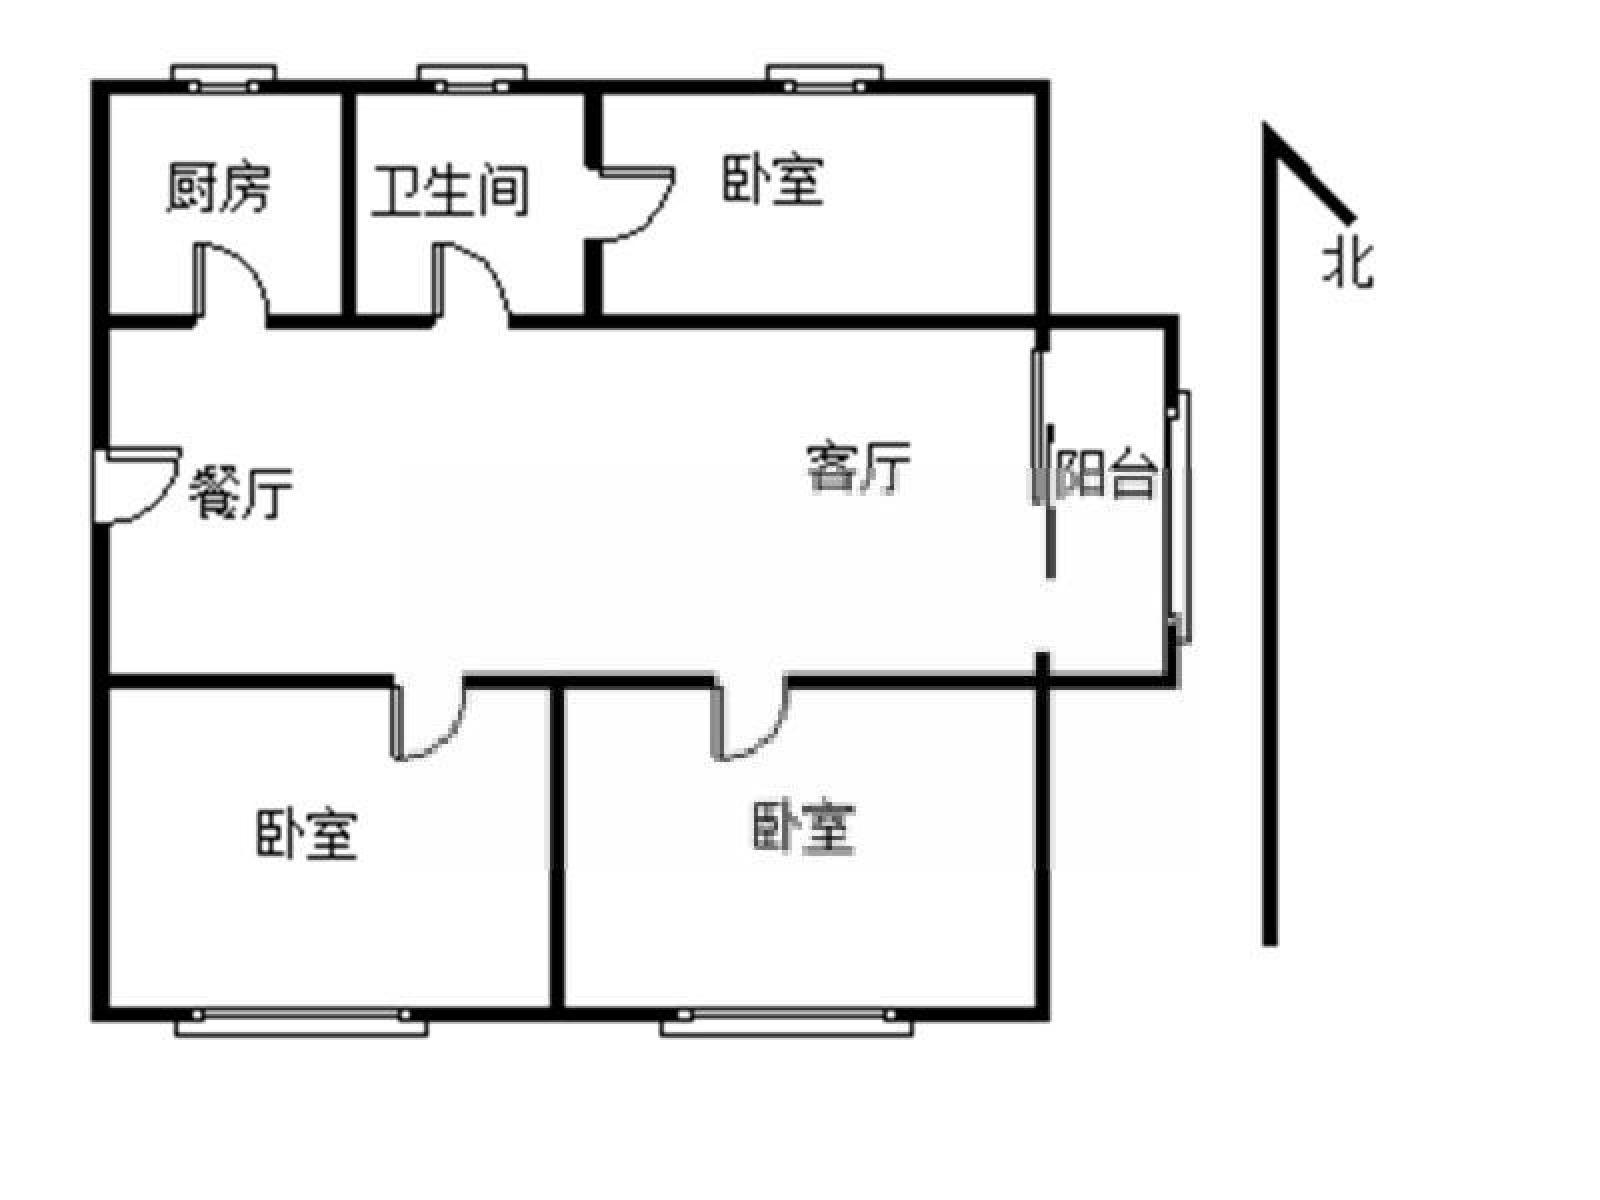 栖霞区仙林湖万达茂3室2厅户型图